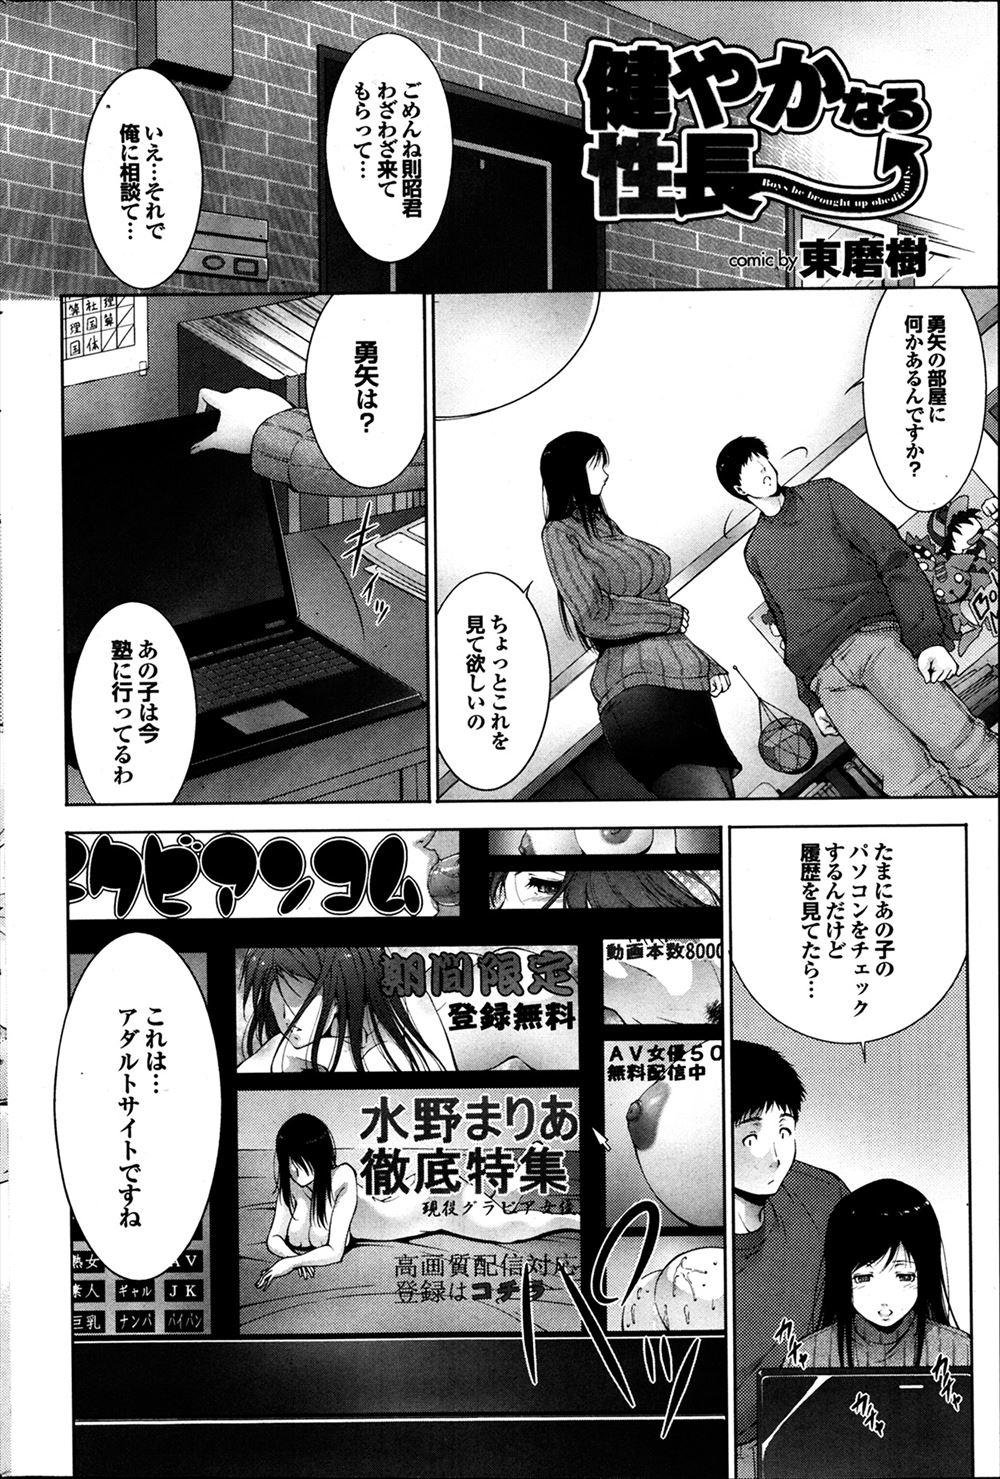 【エロ漫画・エロ同人誌】巨乳人妻から息子の相談受けてたらセックス出来ますたwww (2)